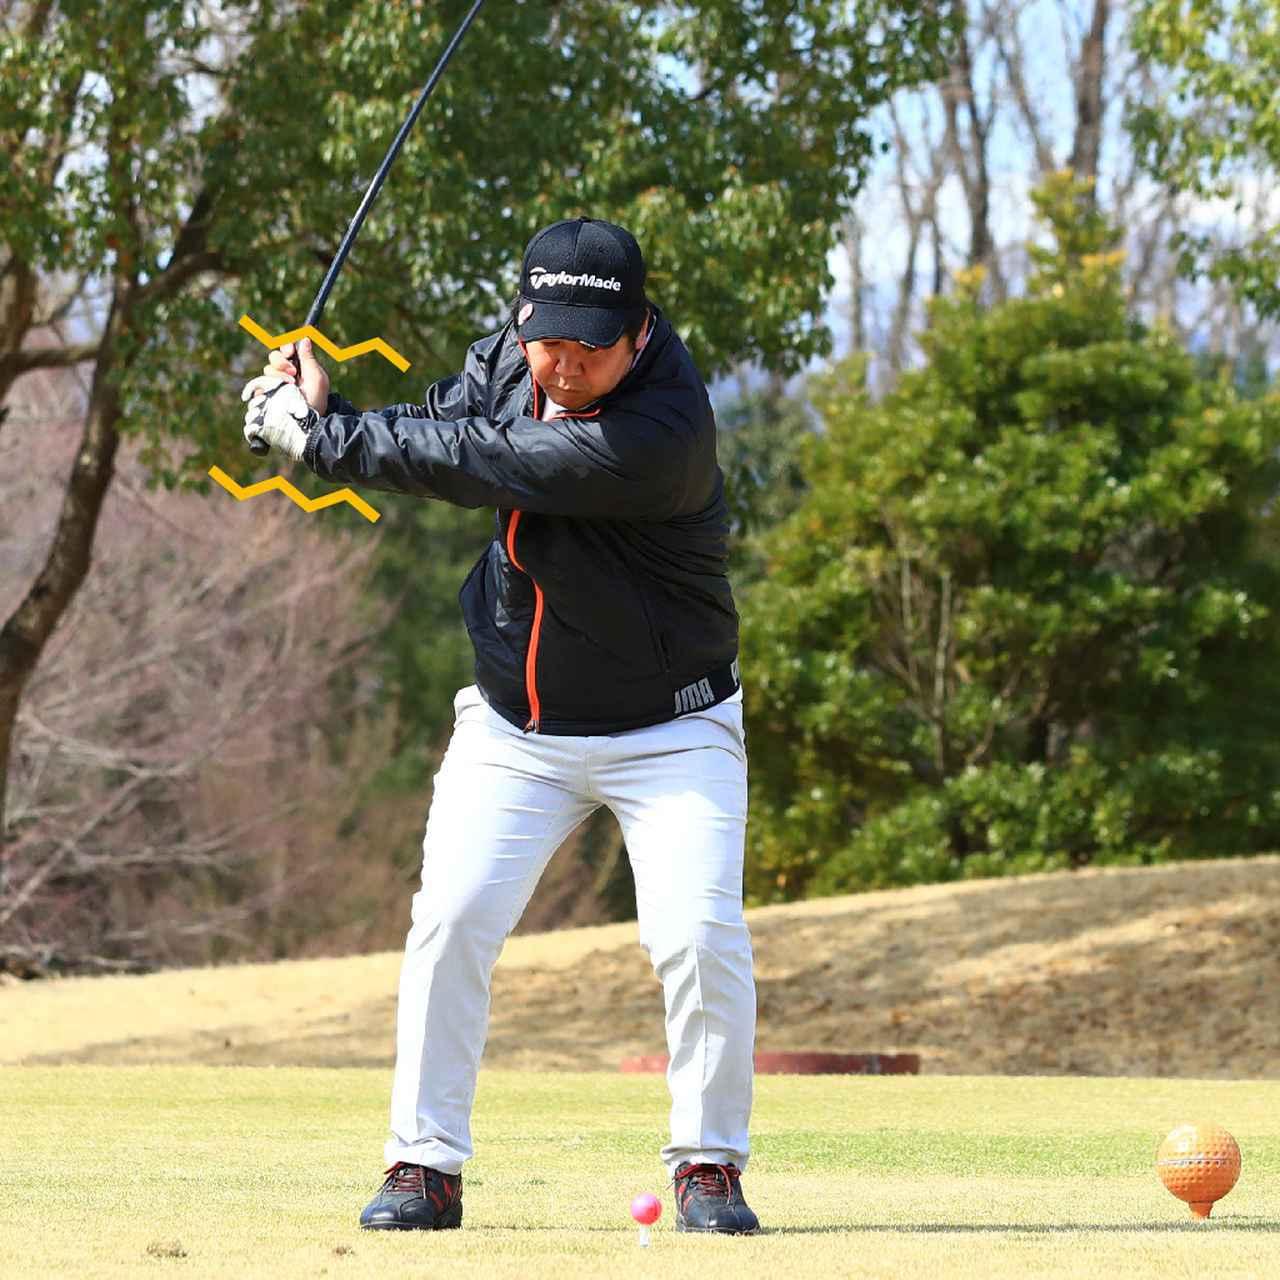 画像5: 【飛距離アップ】飛ばしに力は必要ない。女子プロゴルファーがこぞって集うチーム辻村明志「マン振りより飛ぶ八分目スウィング」